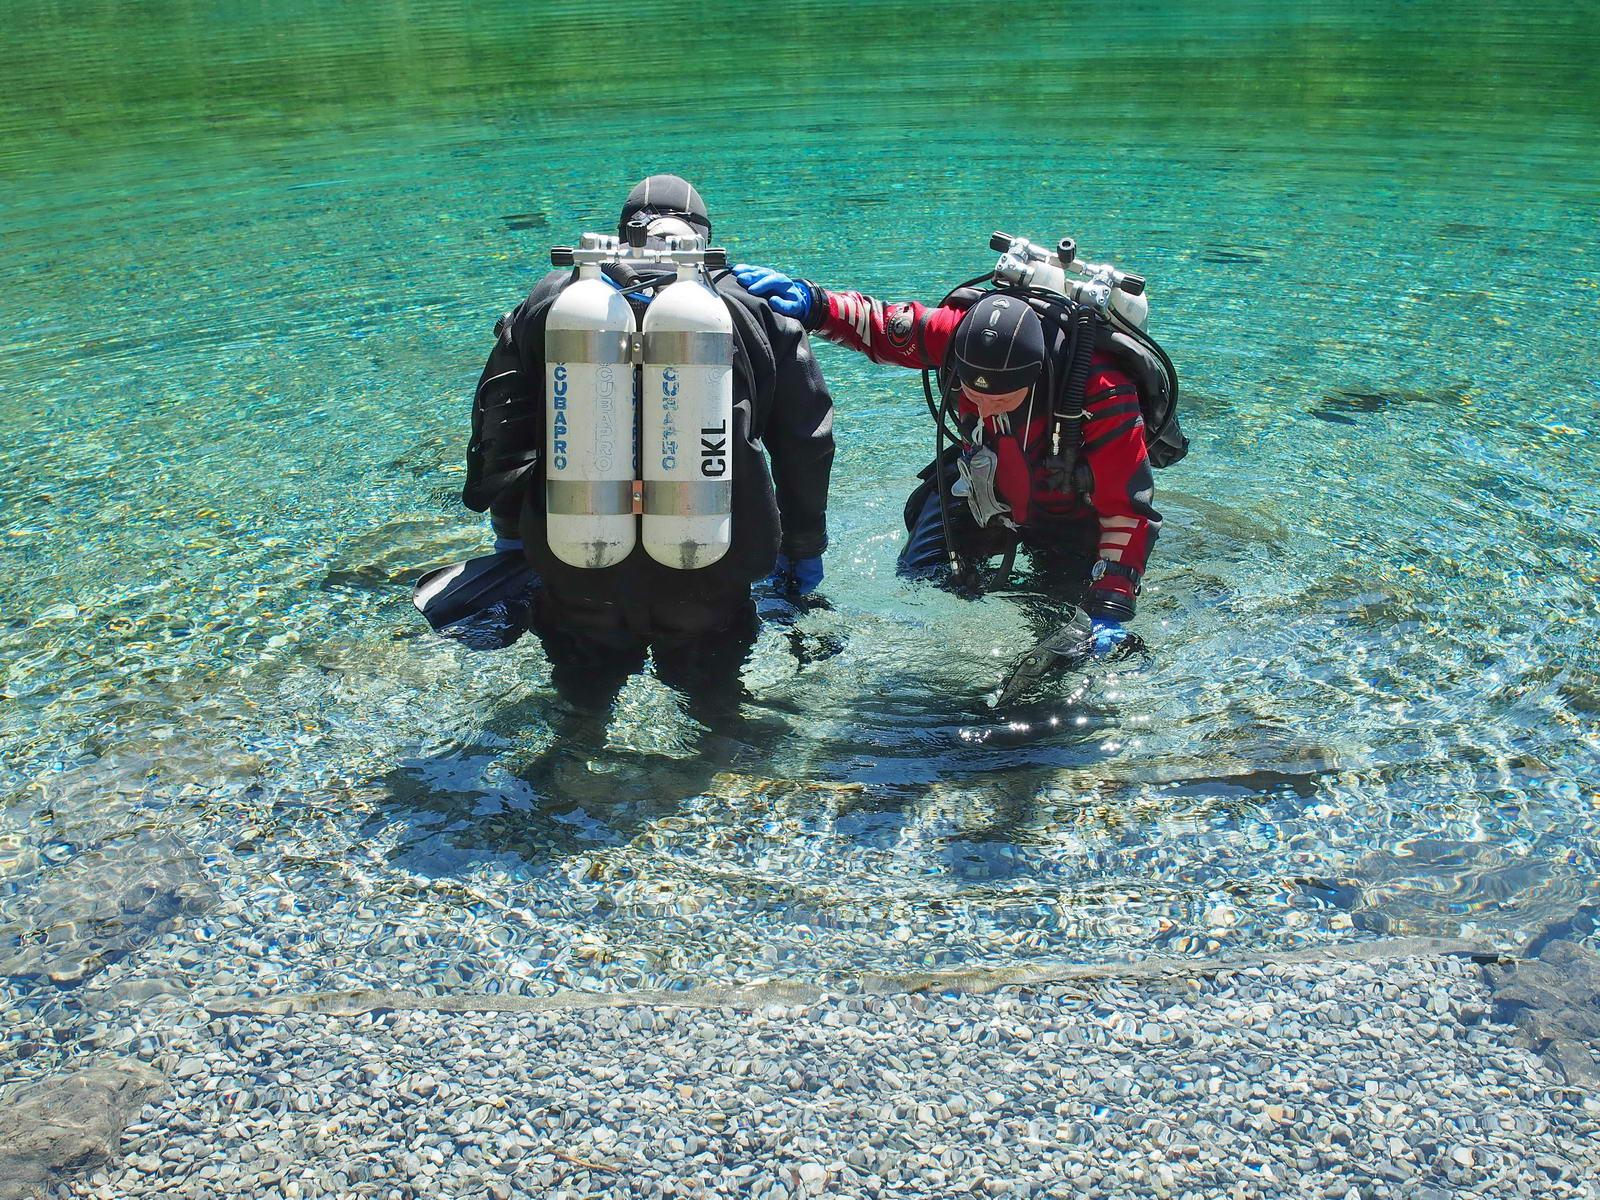 Taucher im Bergsee beim Einstieg